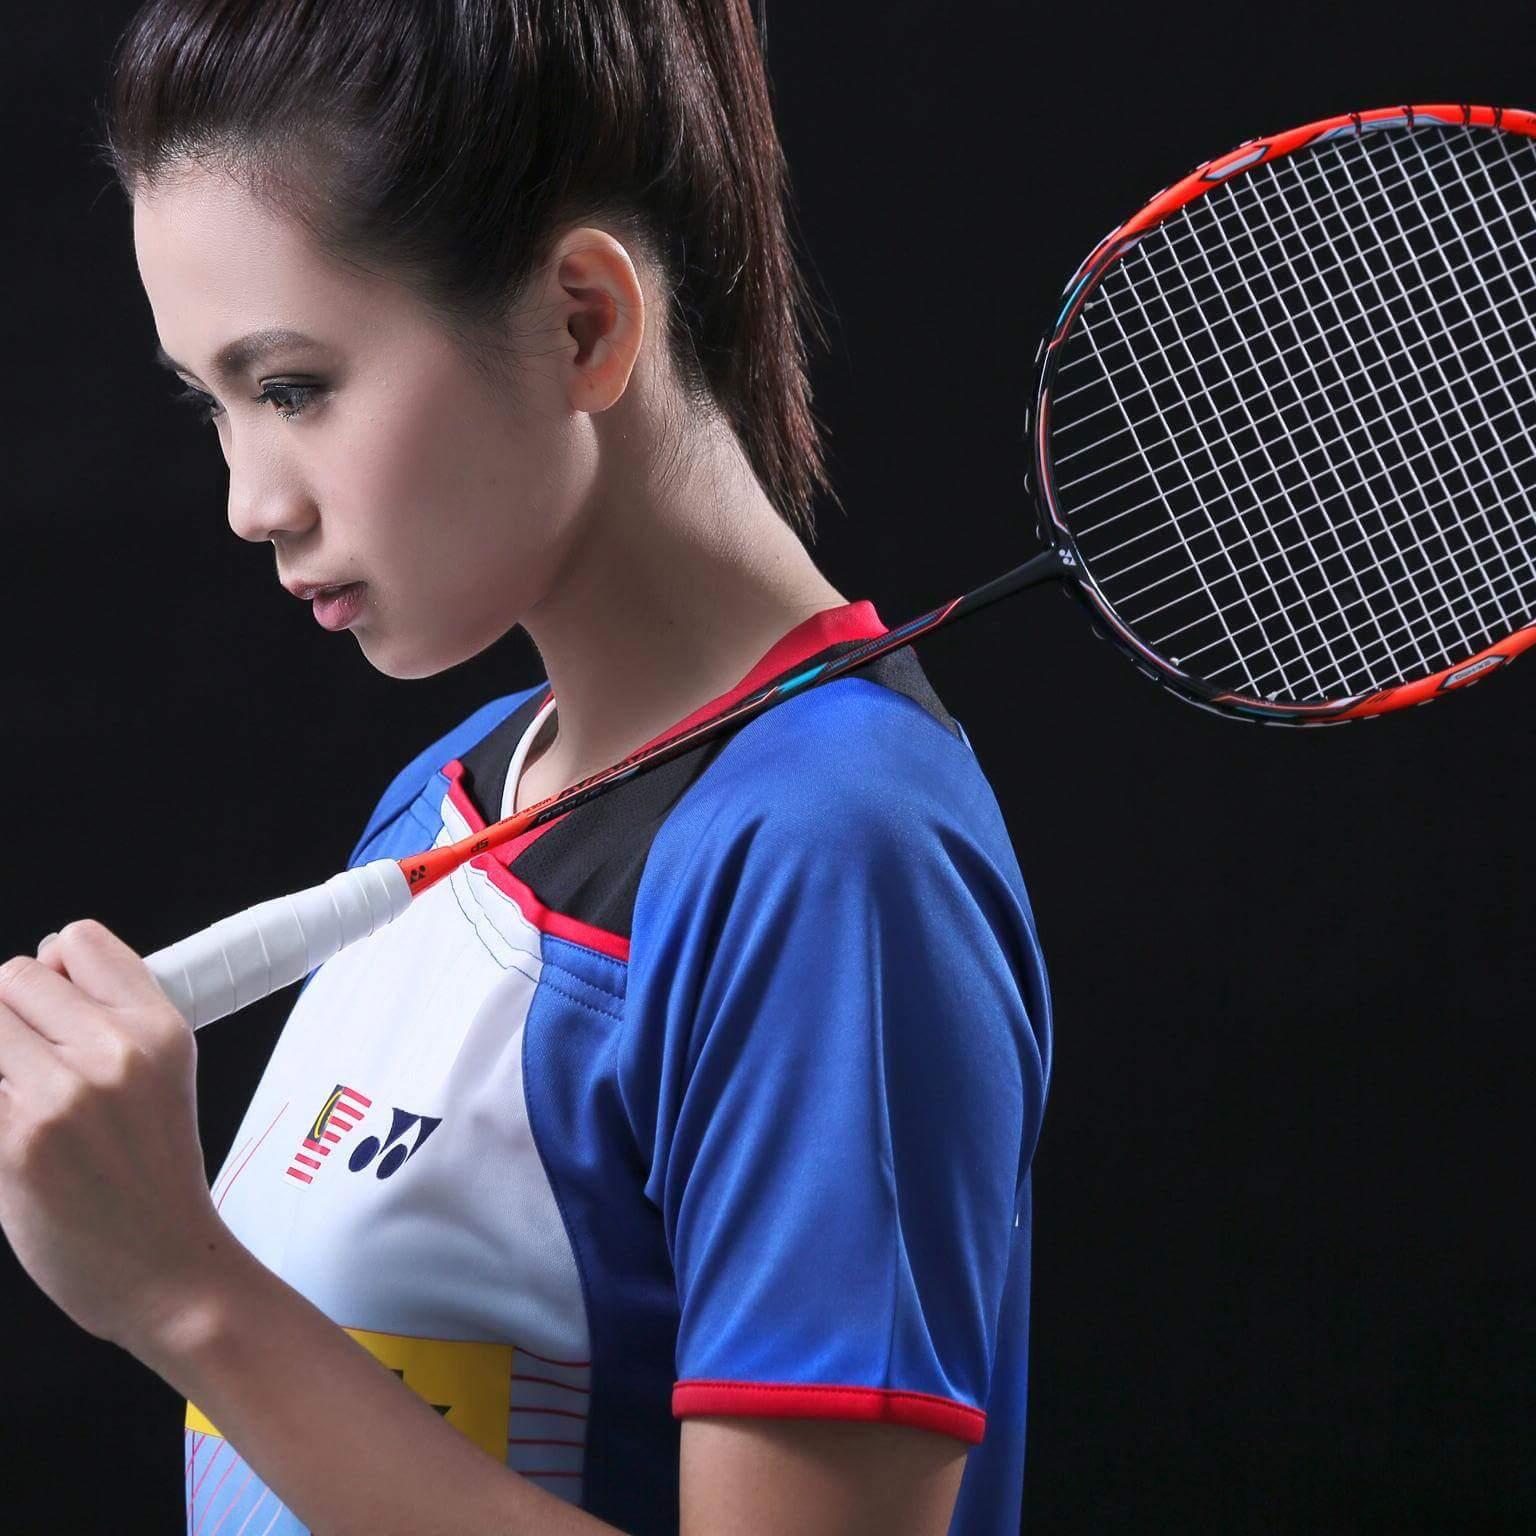 PERH 8 Gambar Koleksi Peribadi Goh Liu Ying Pemain